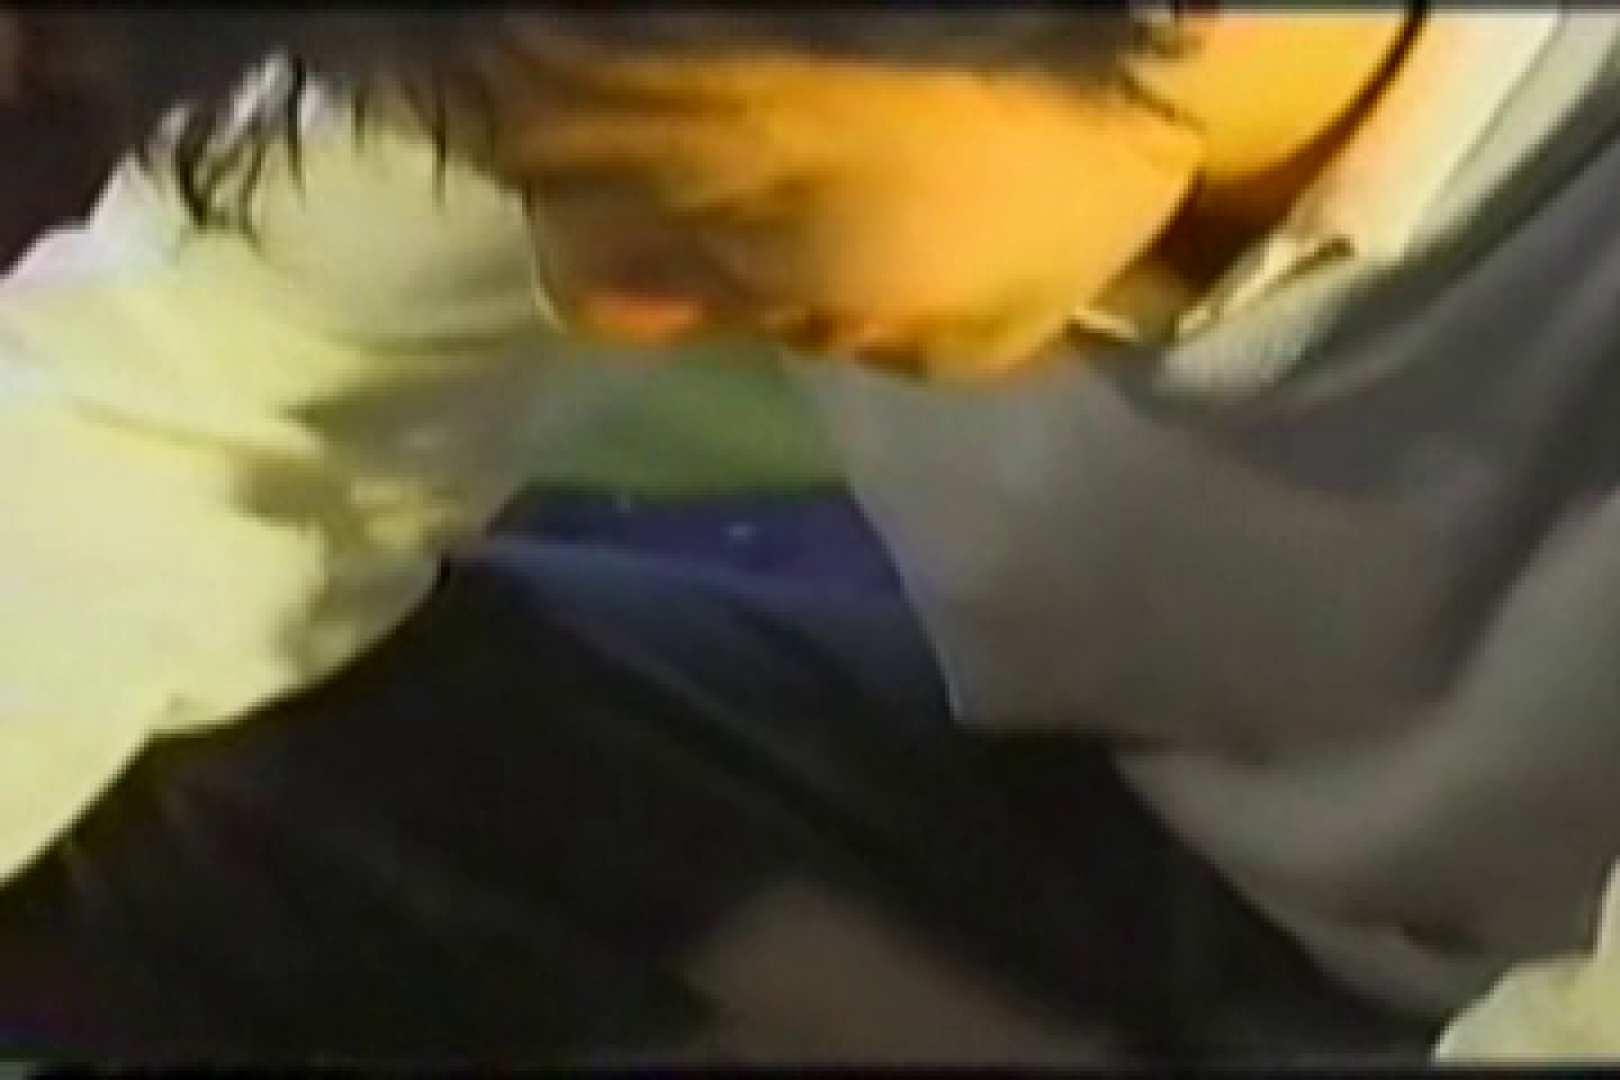 【流出】若者たちの集い ハメ撮り放出 ゲイヌード画像 48pic 9